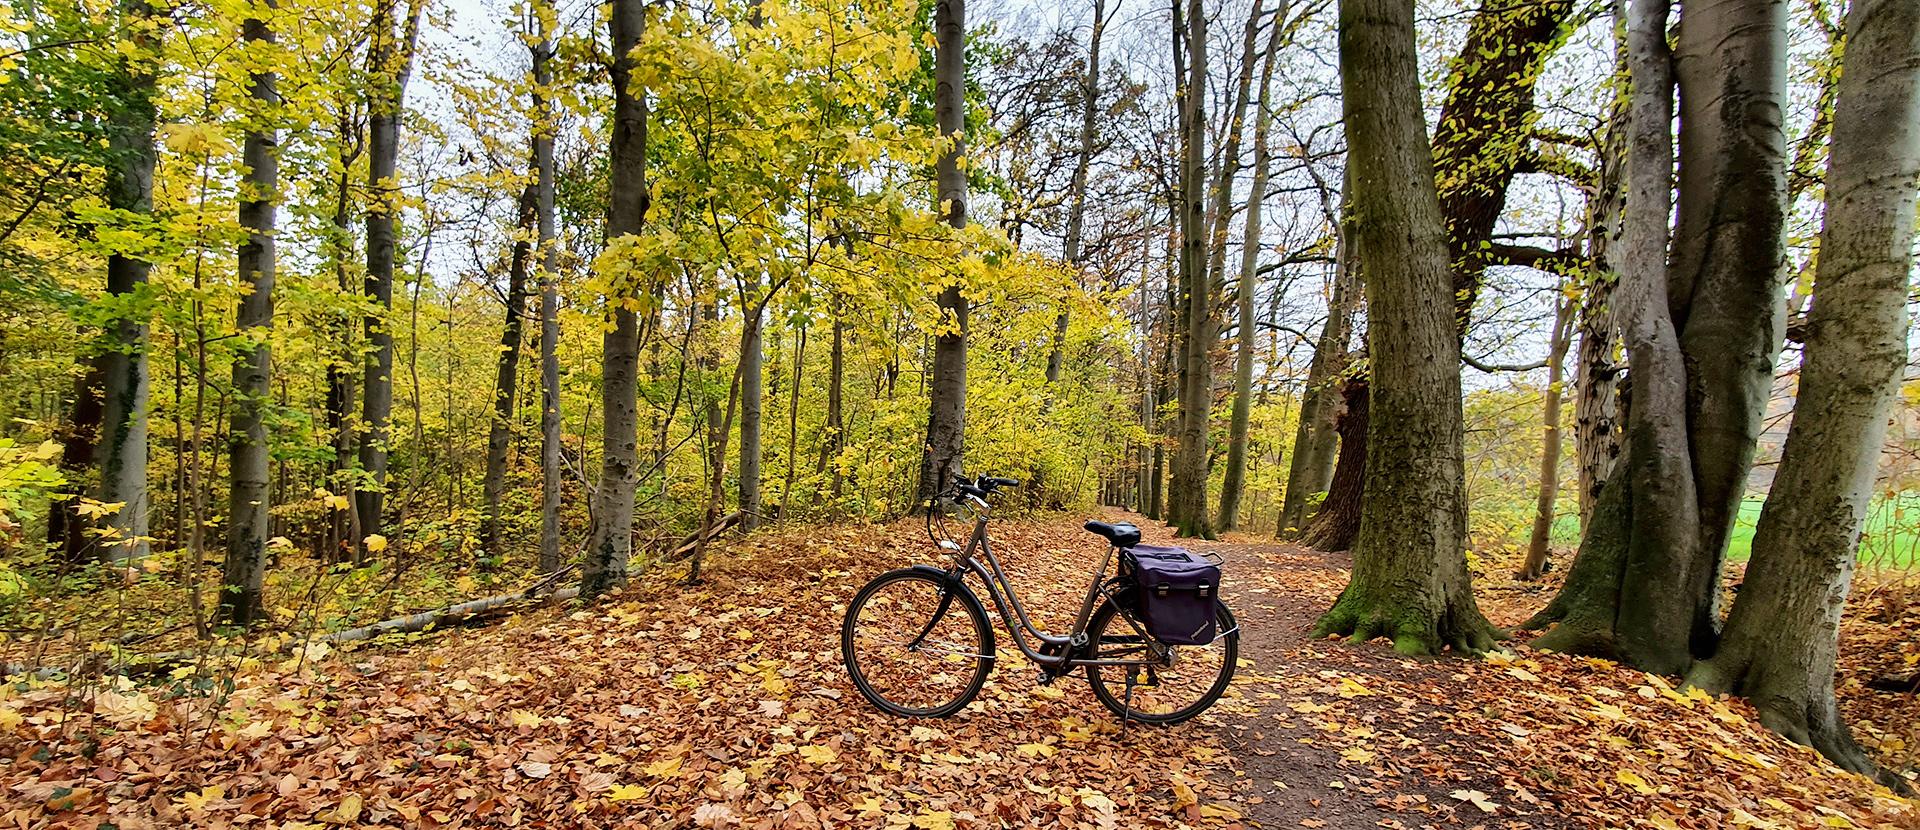 Spazierfahrt im herbstlichen Wald